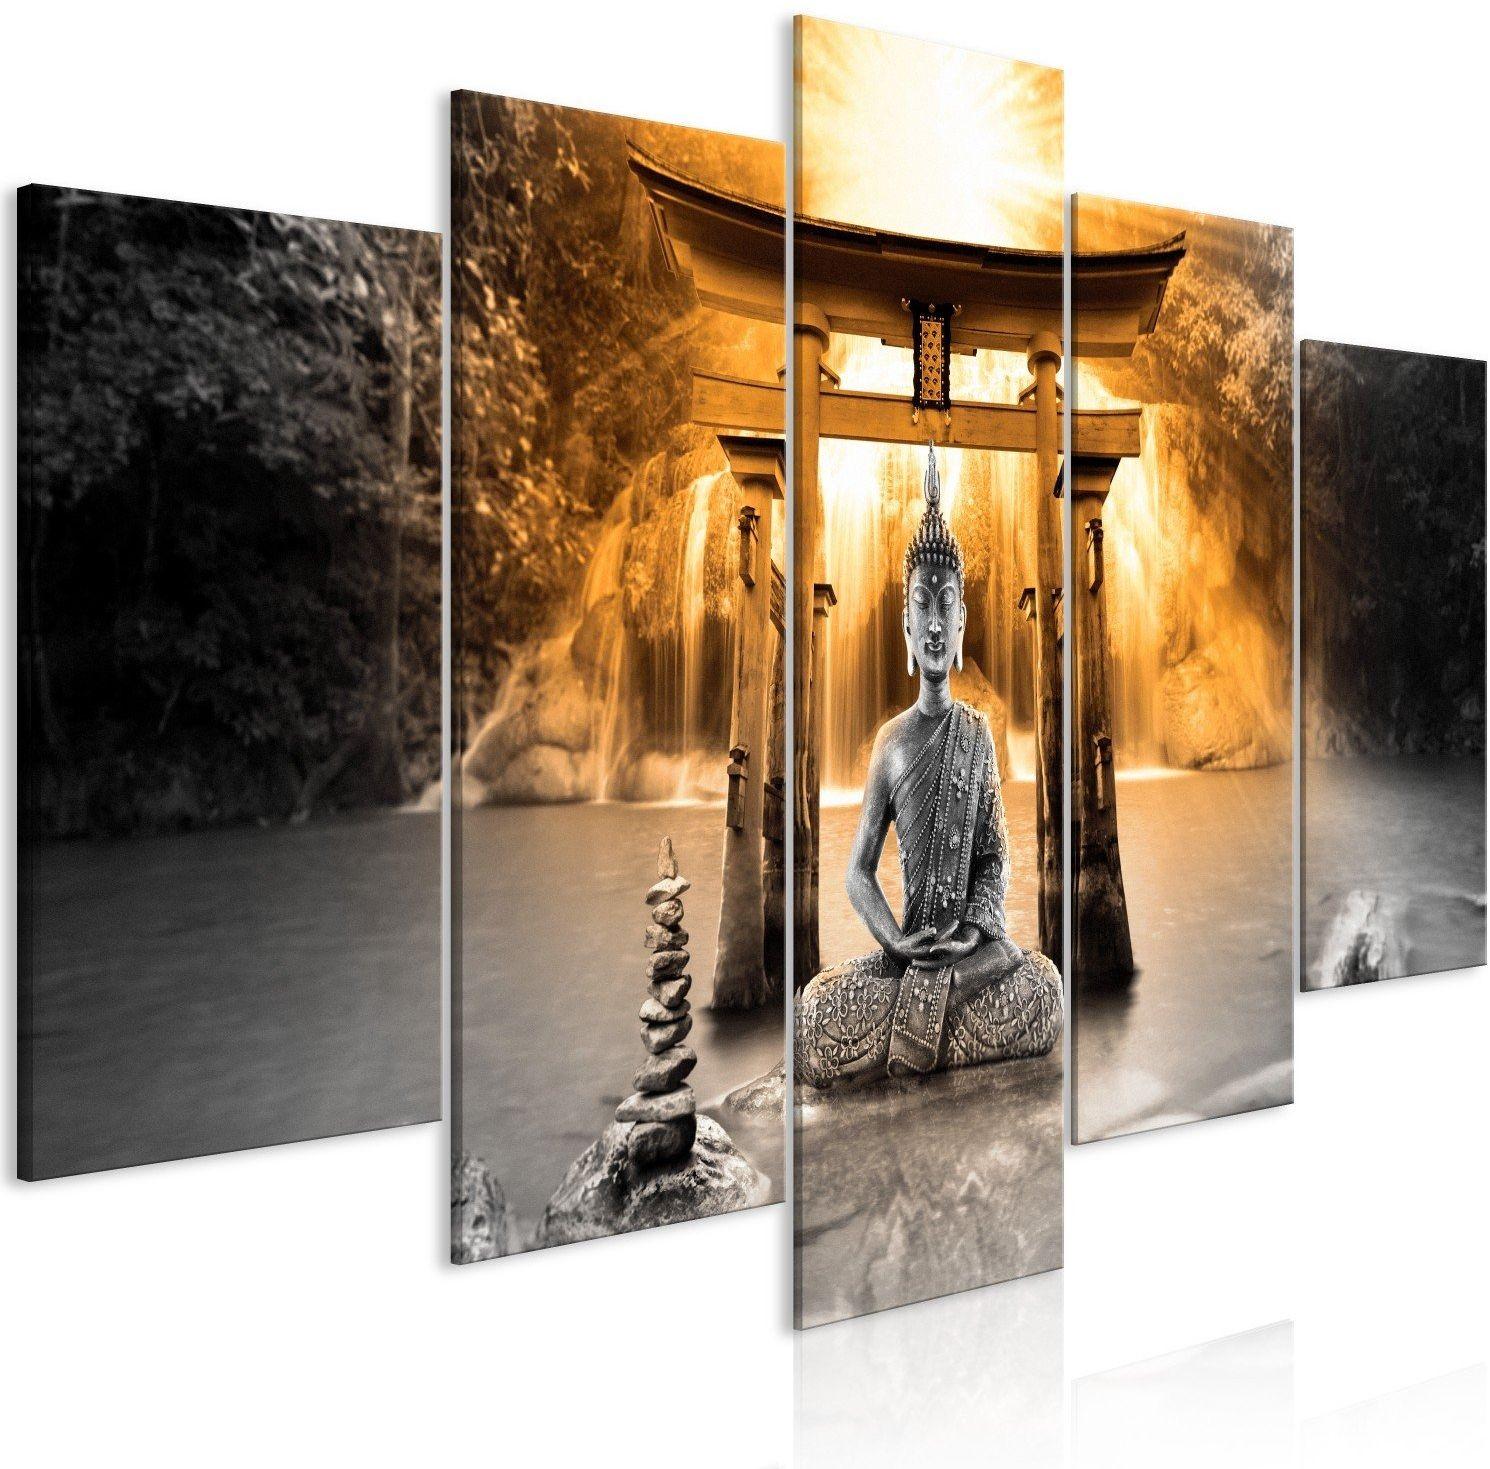 Obraz - uśmiech buddy (5-częściowy) szeroki pomarańczowy